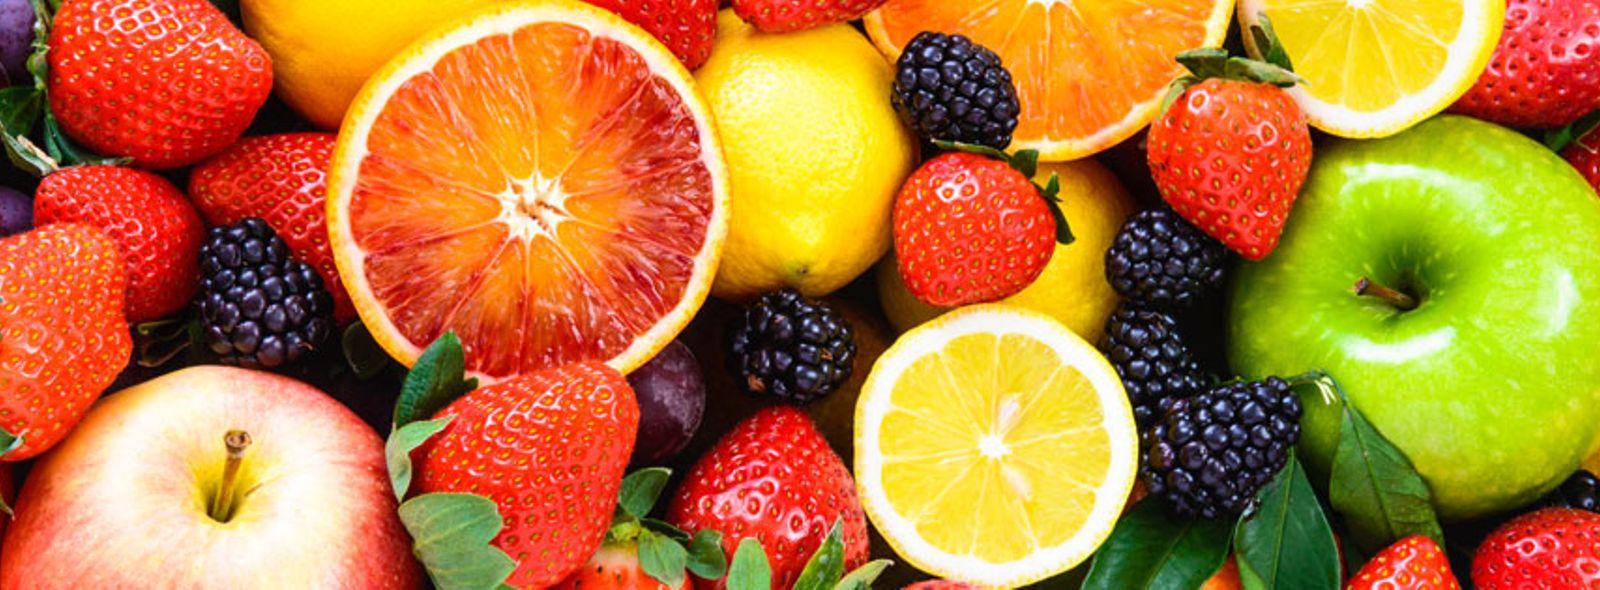 Tabella frutta di stagione